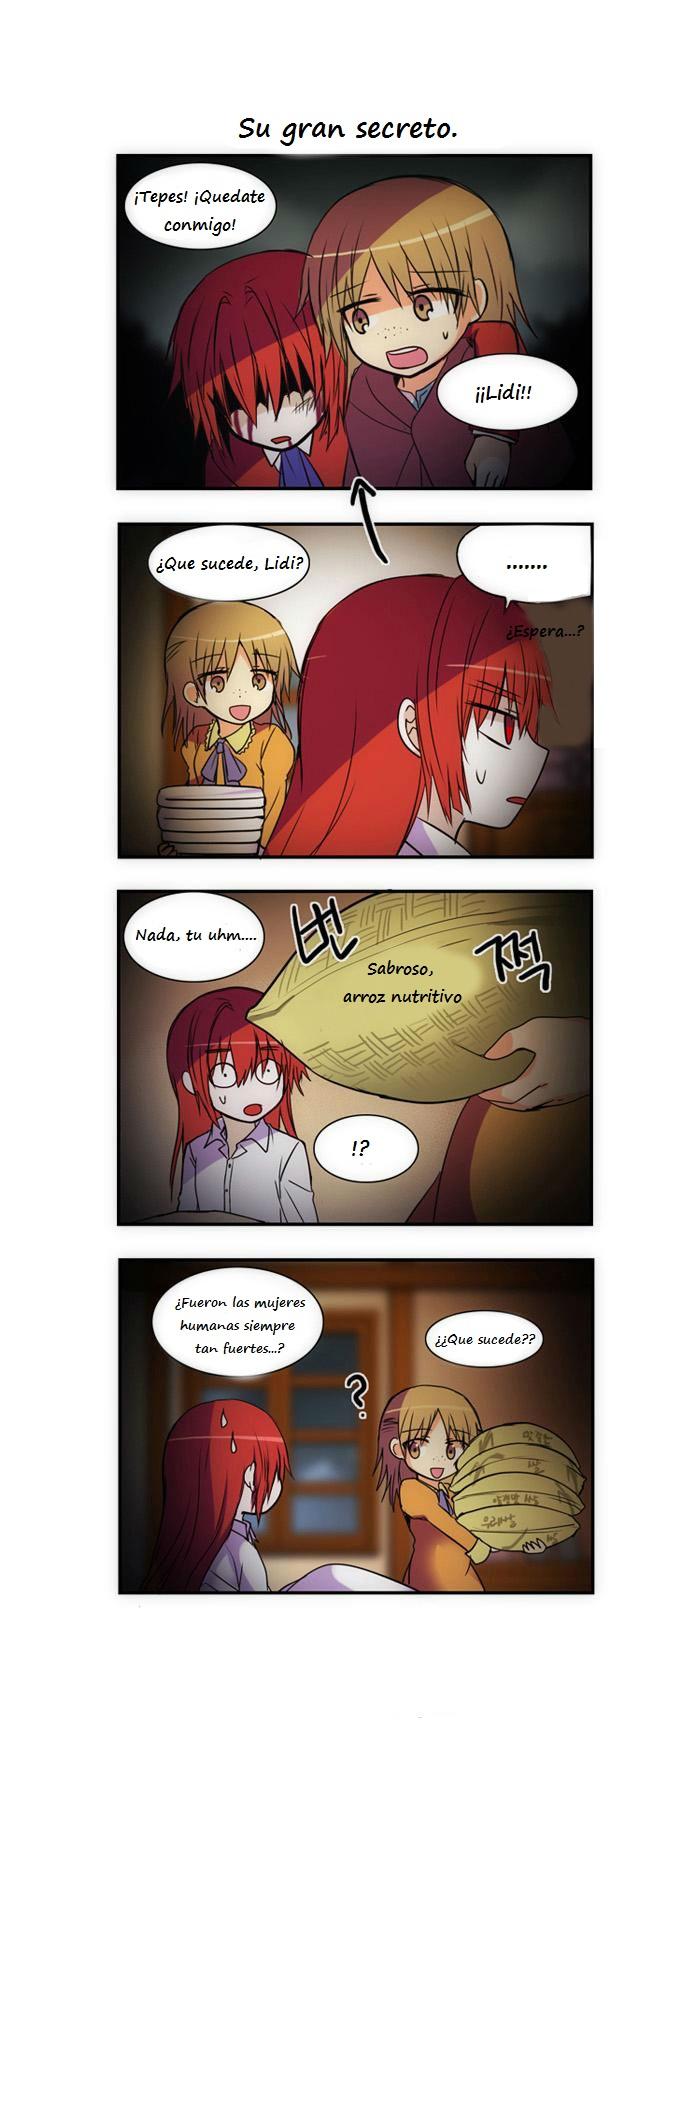 http://c5.ninemanga.com/es_manga/4/836/454378/73e42833b2c2a93fe859a61a5fc22eef.jpg Page 6